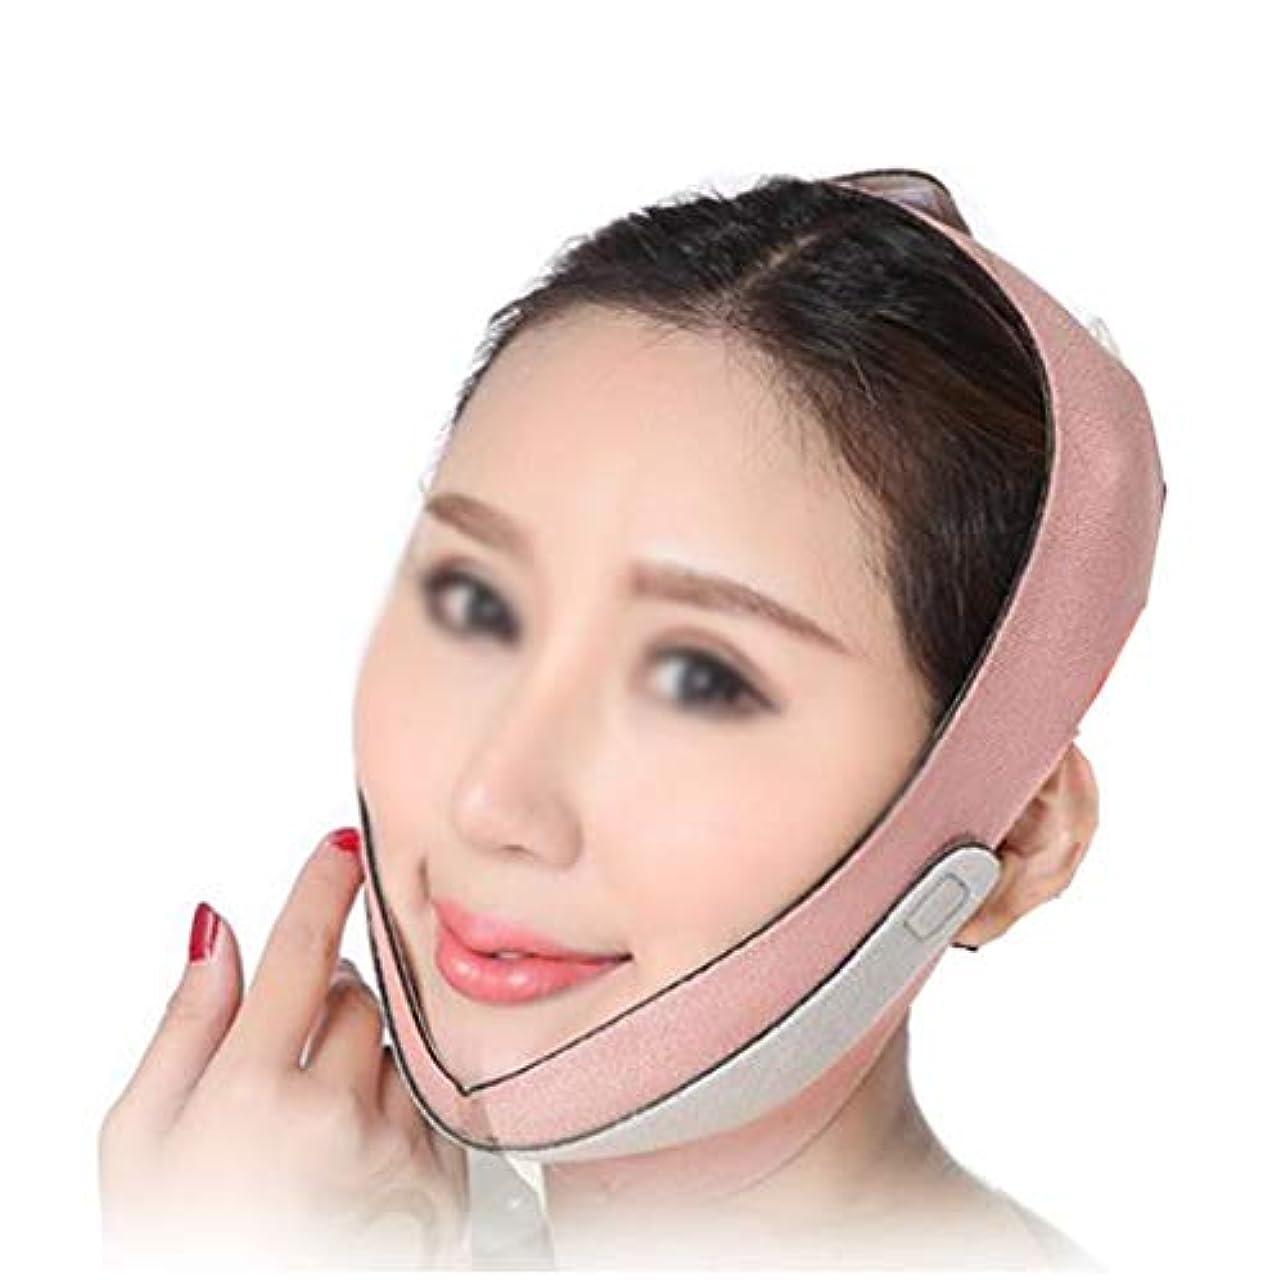 ZWBD フェイスマスク, フェイスリフティングマスクフェイスリフティングツールを備えたVフェイスの薄い顔3Dフェイスリフティングフェイスリフティング包帯フェイスリフティングデバイスフェイスリフティングマシン